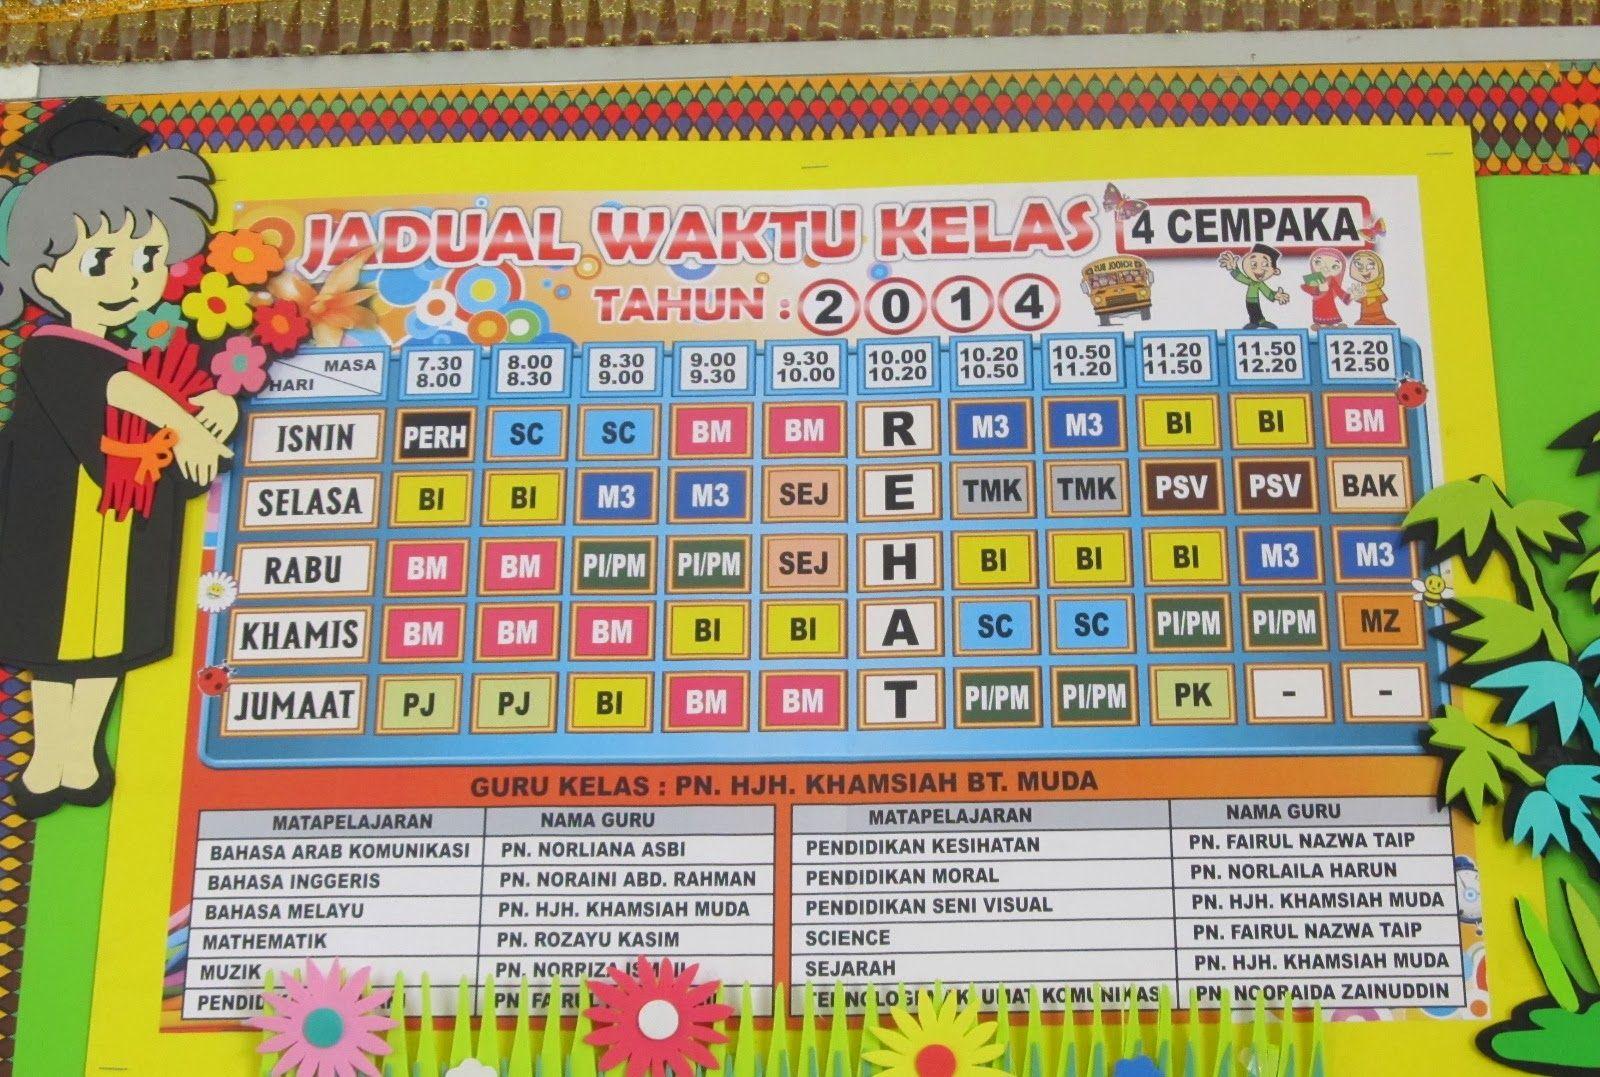 Image Result For Contoh Jadual Waktu Kelas Yang Kreatif Classroom Image Periodic Table